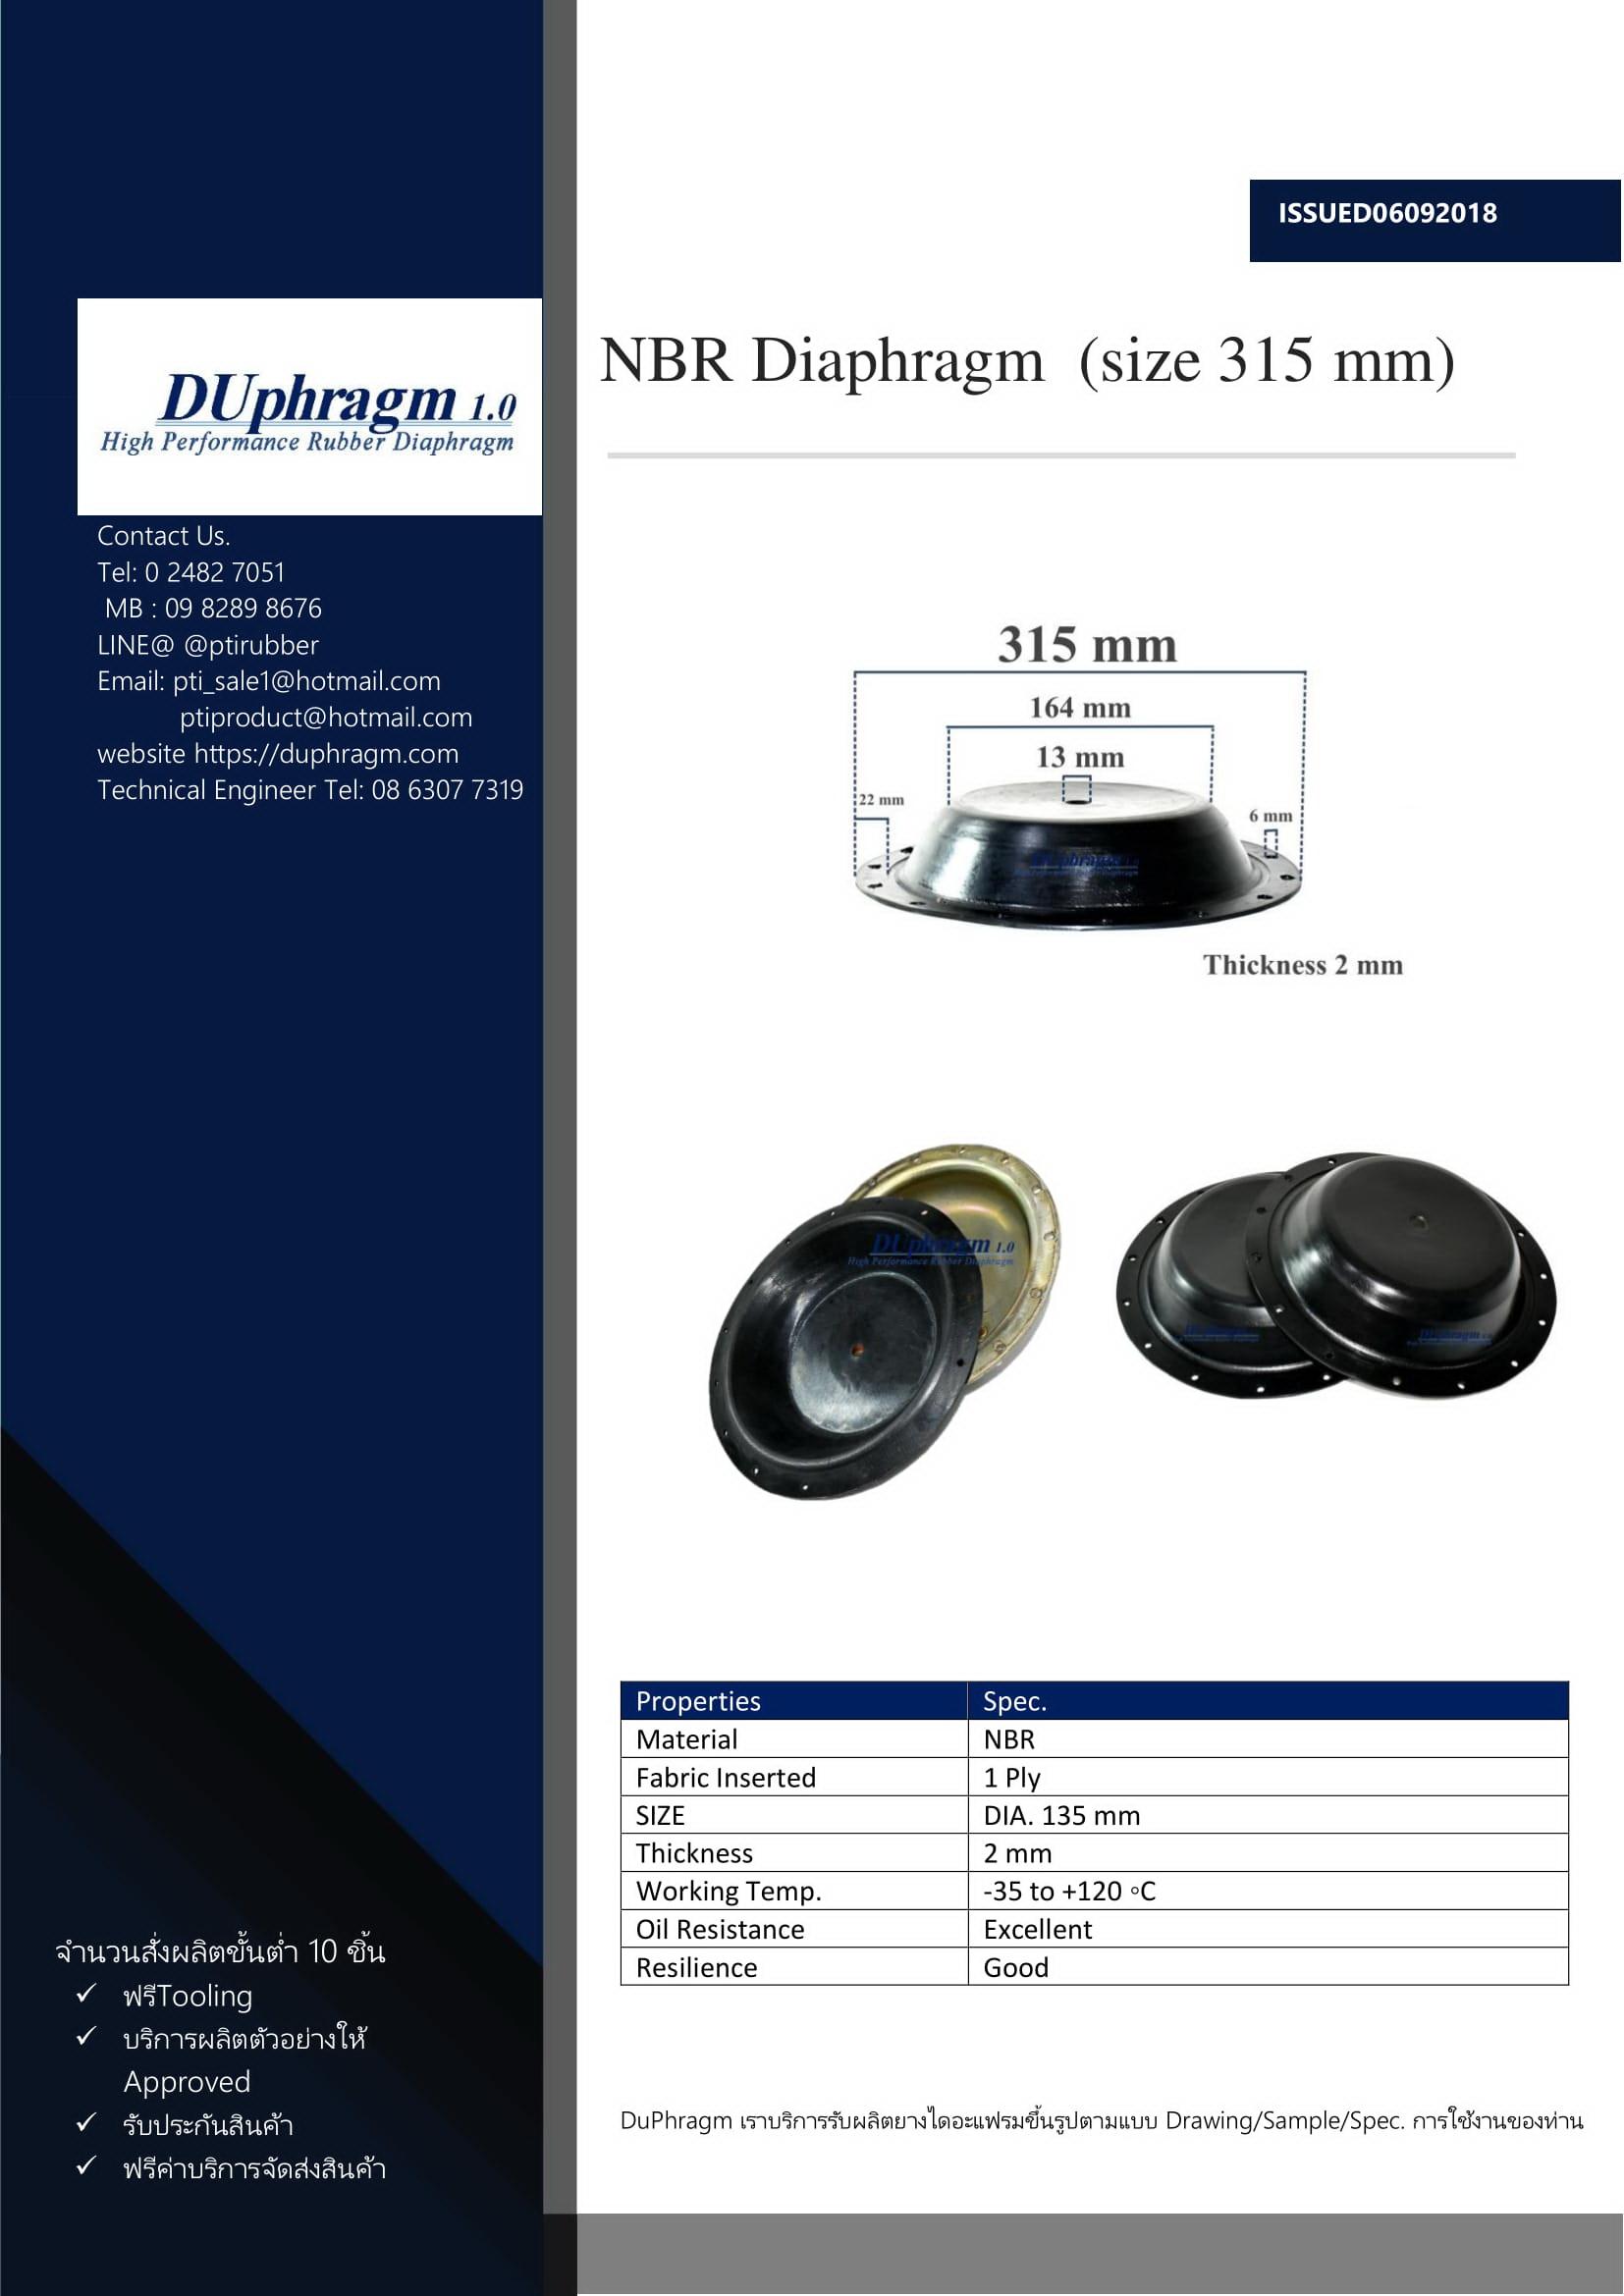 ยางไดอะแฟรมNBR SIZE 315 mm Rolling Diaphragm-1